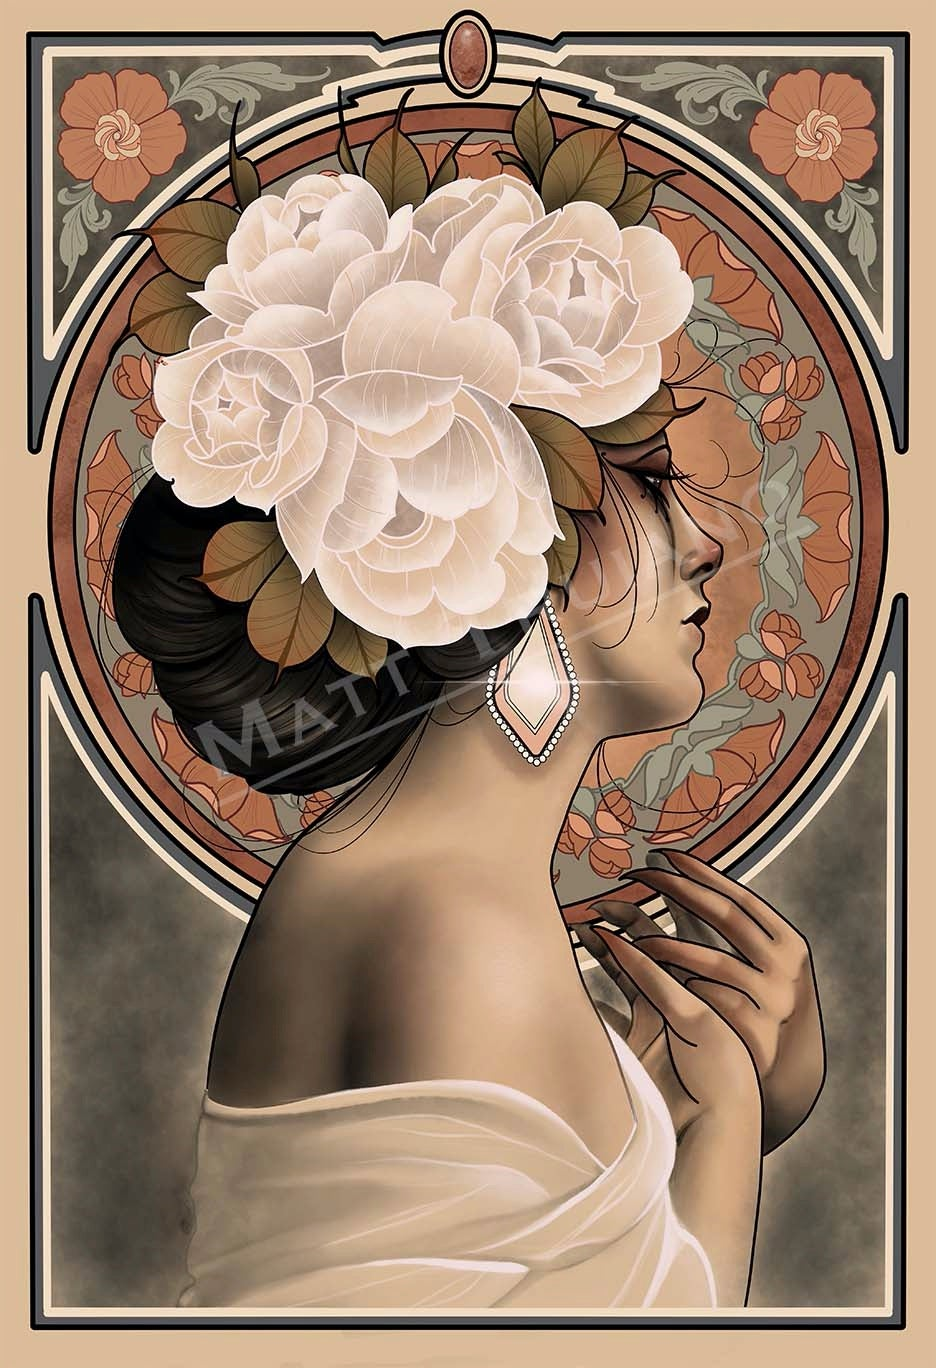 Lady nouveau VI